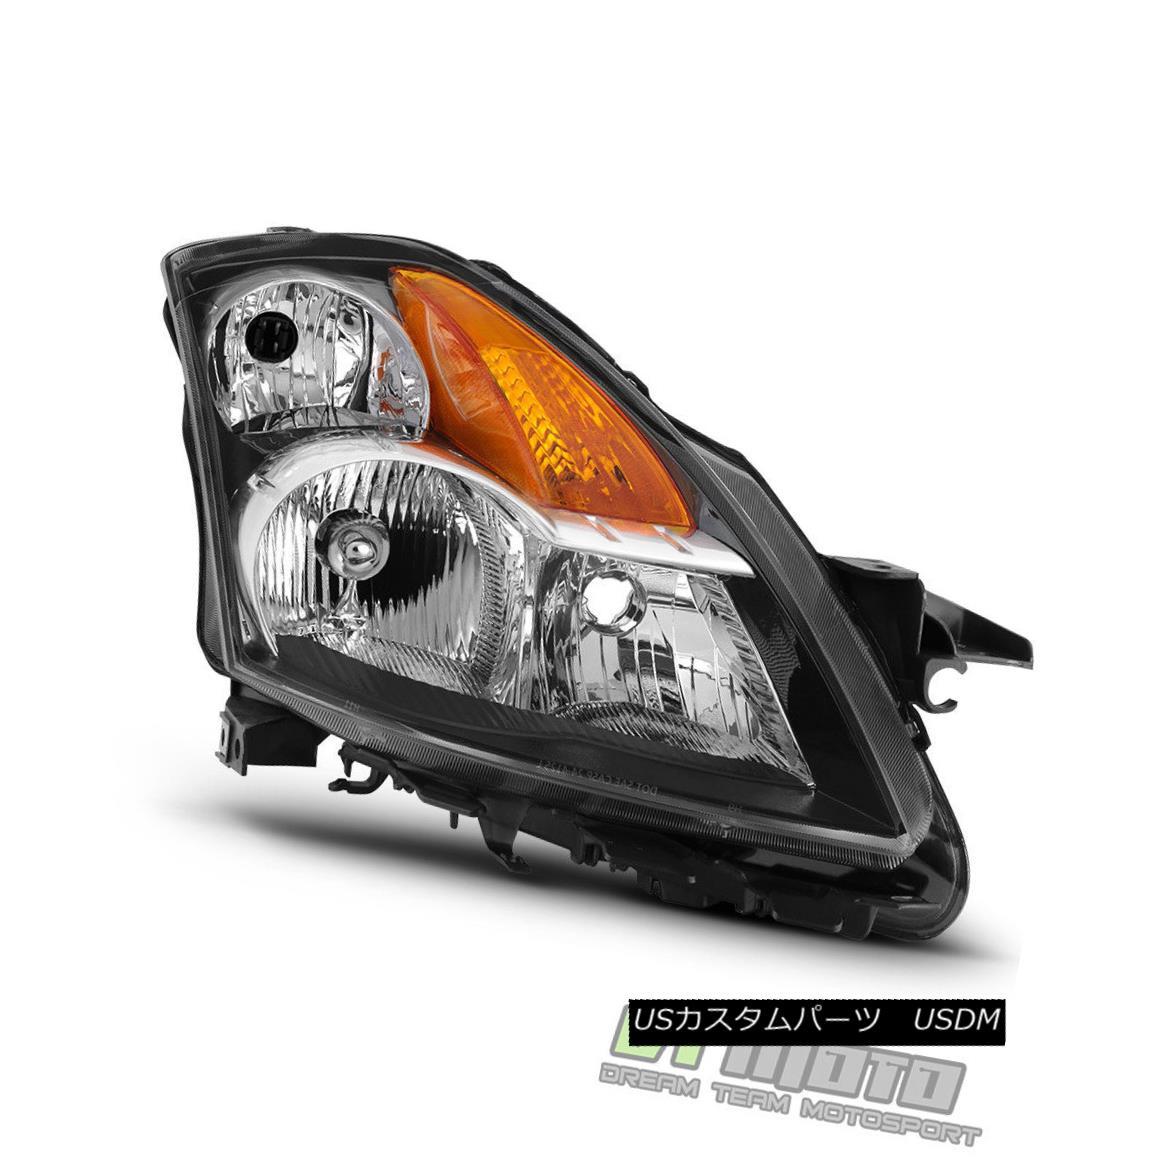 ヘッドライト Replacement RH Passenger Side Headlamp For 2007 2008 2009 Altima Sedan Headlight 2007年の2009年のAltimaセダンヘッドライト用のRH助手席側ヘッドランプの交換